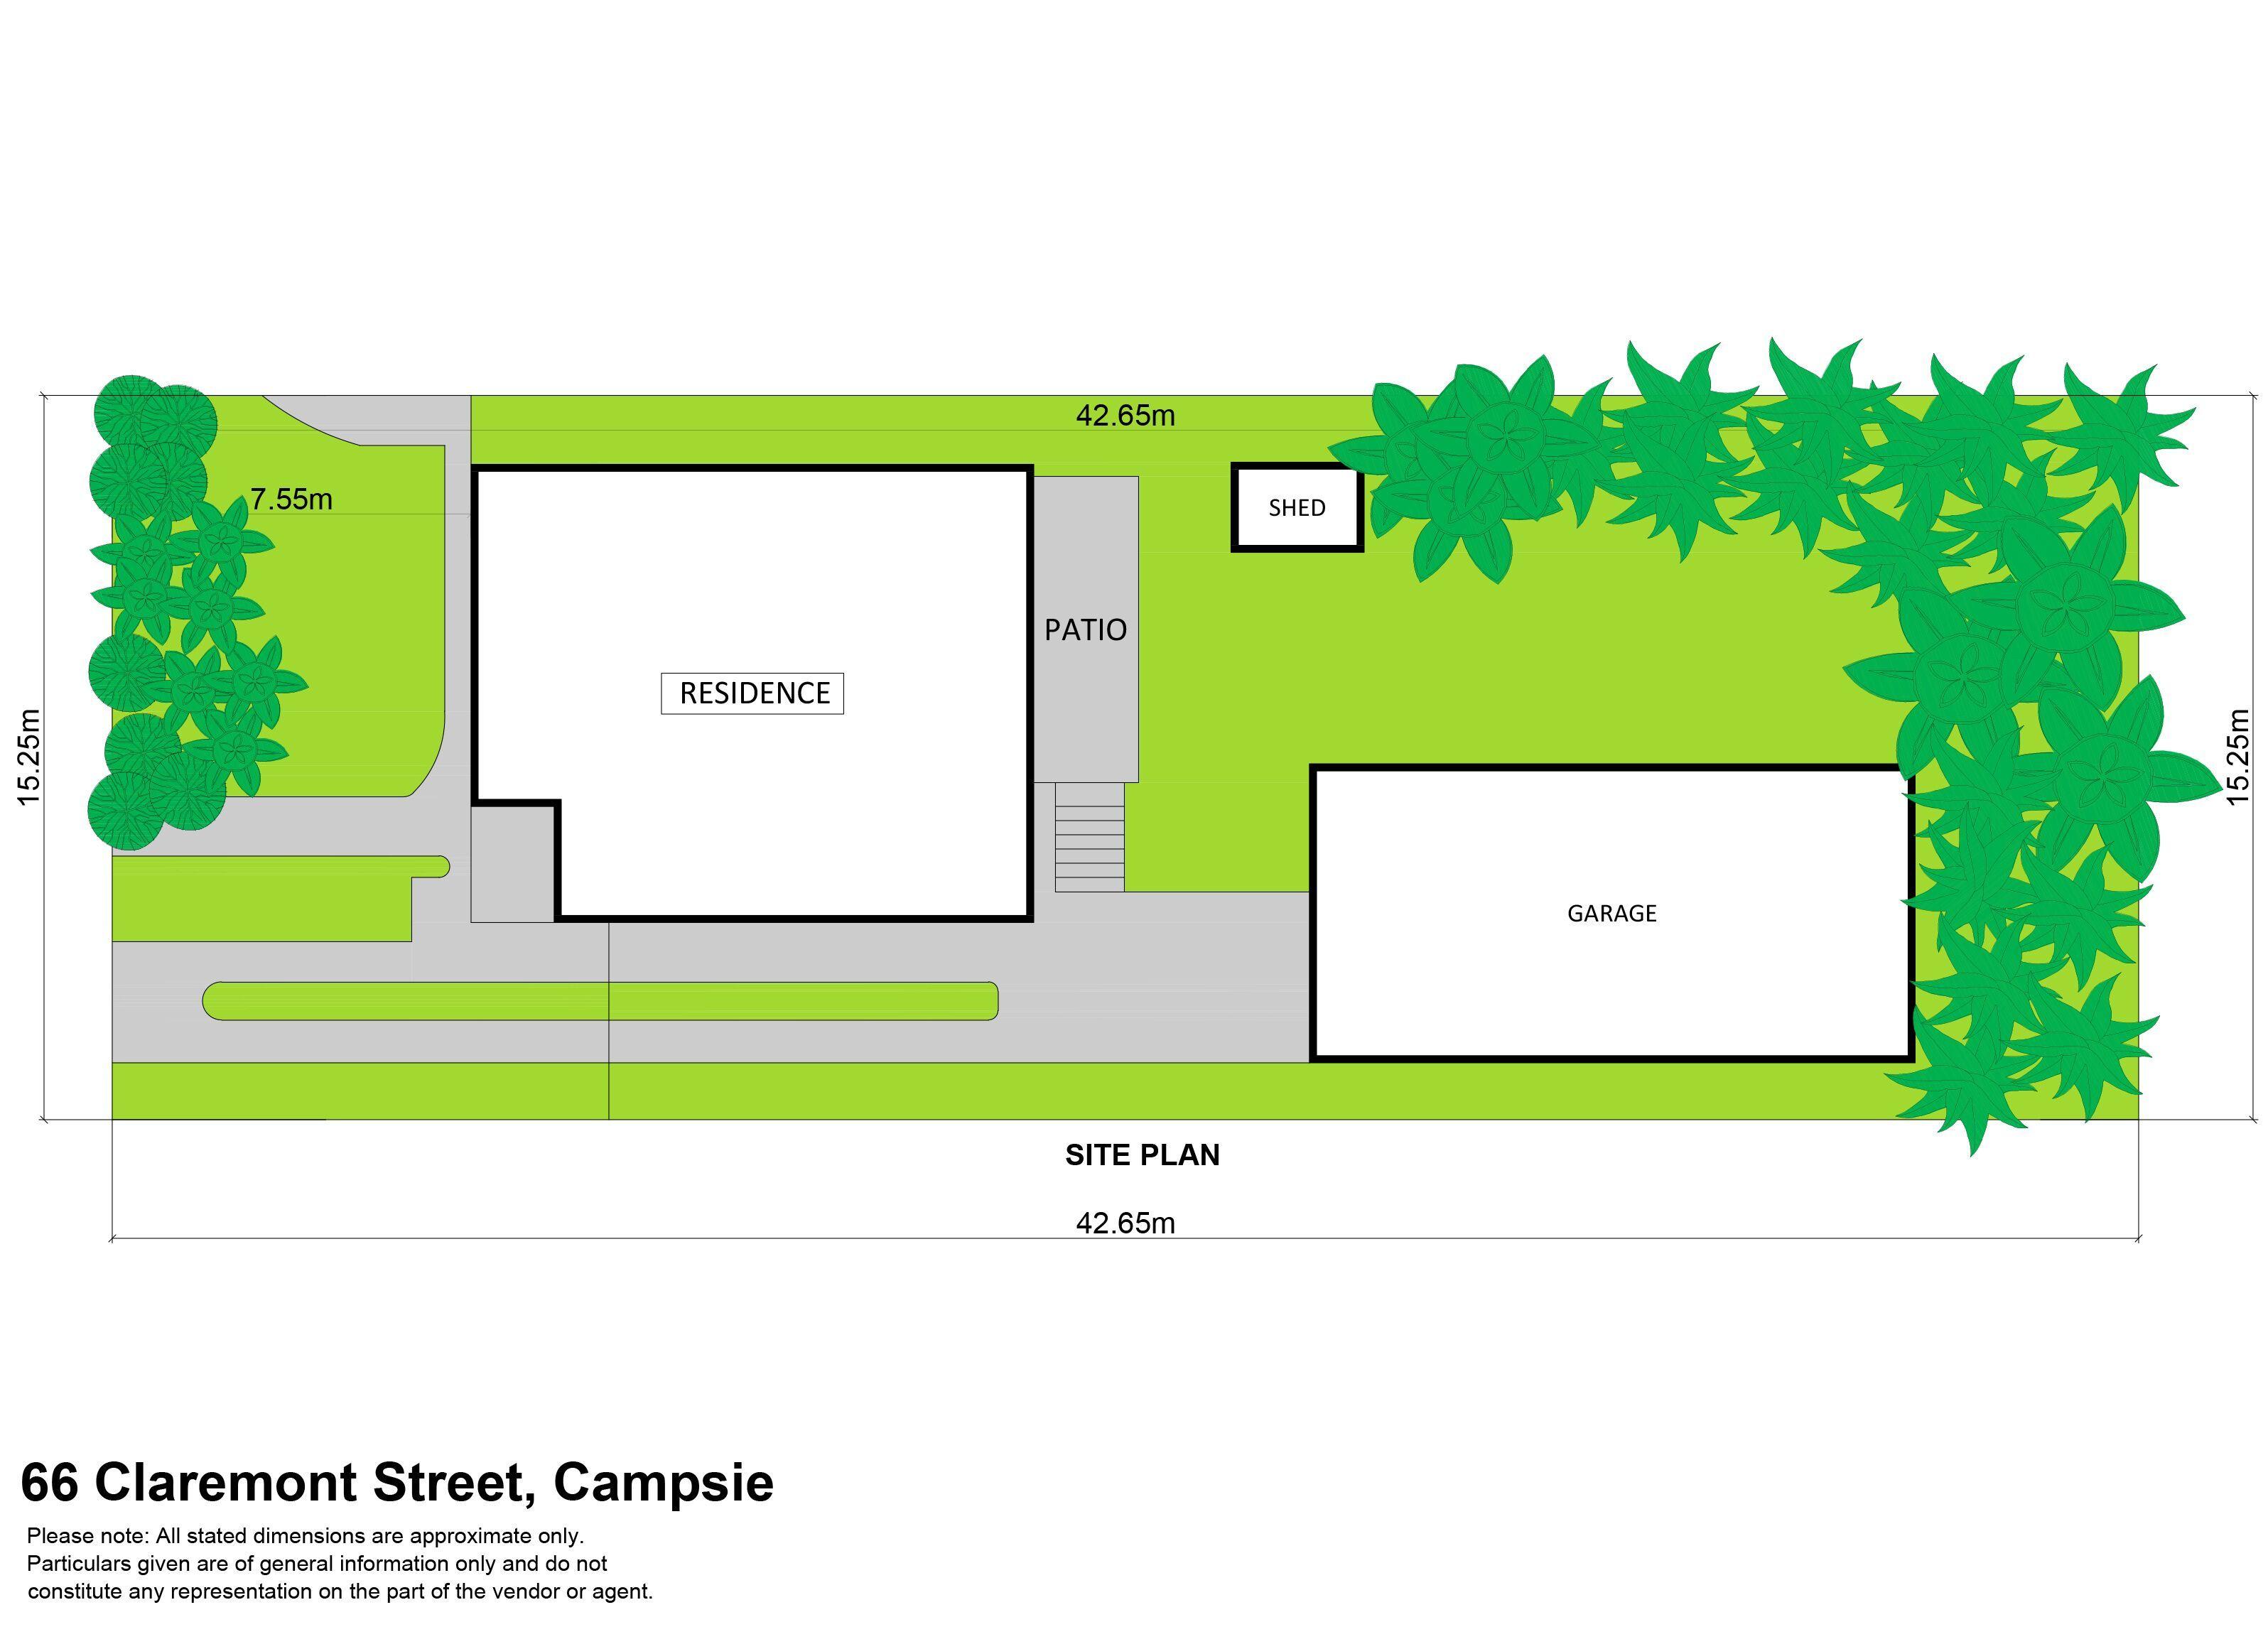 66 Claremont Street, Campsie